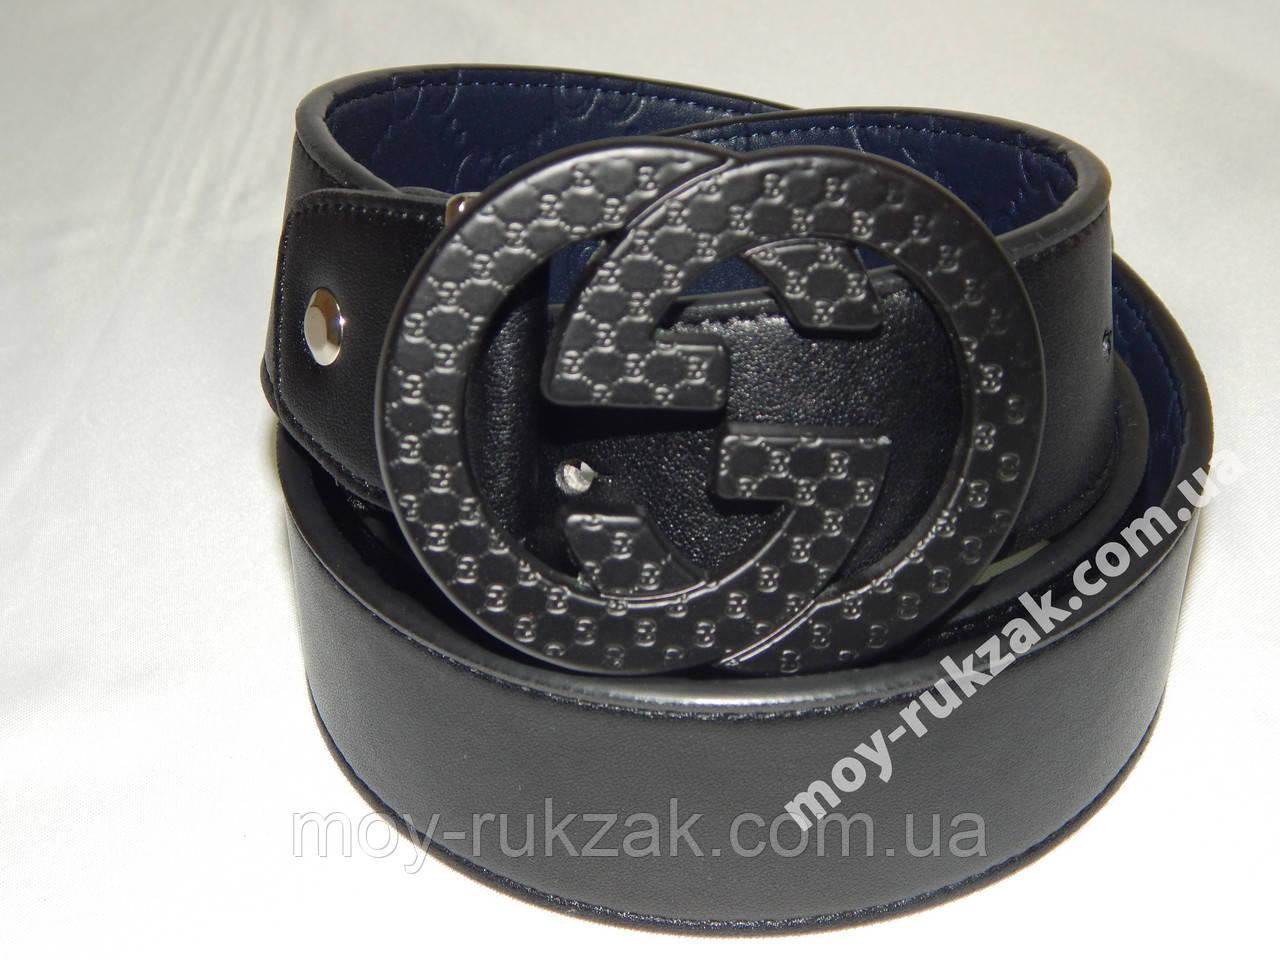 Двухсторонний мужской кожаный ремень Gucci 40 мм., чёрный/синий, реплика 930855